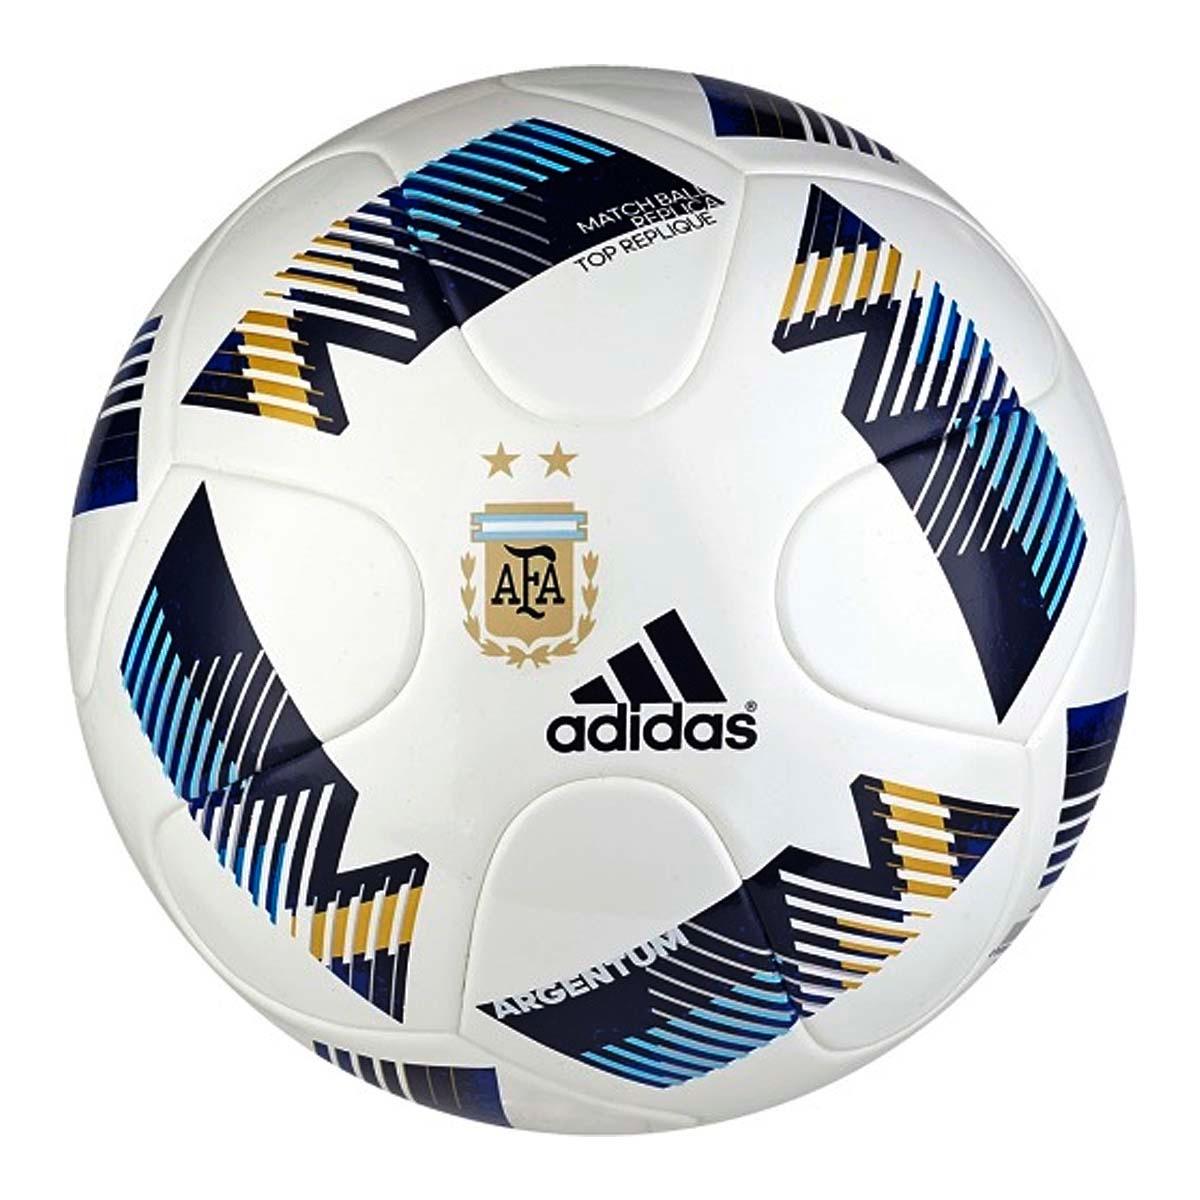 e0274b46b7498 Pelota De Fútbol adidas Afa Trep 2016 Nº 5 -   510